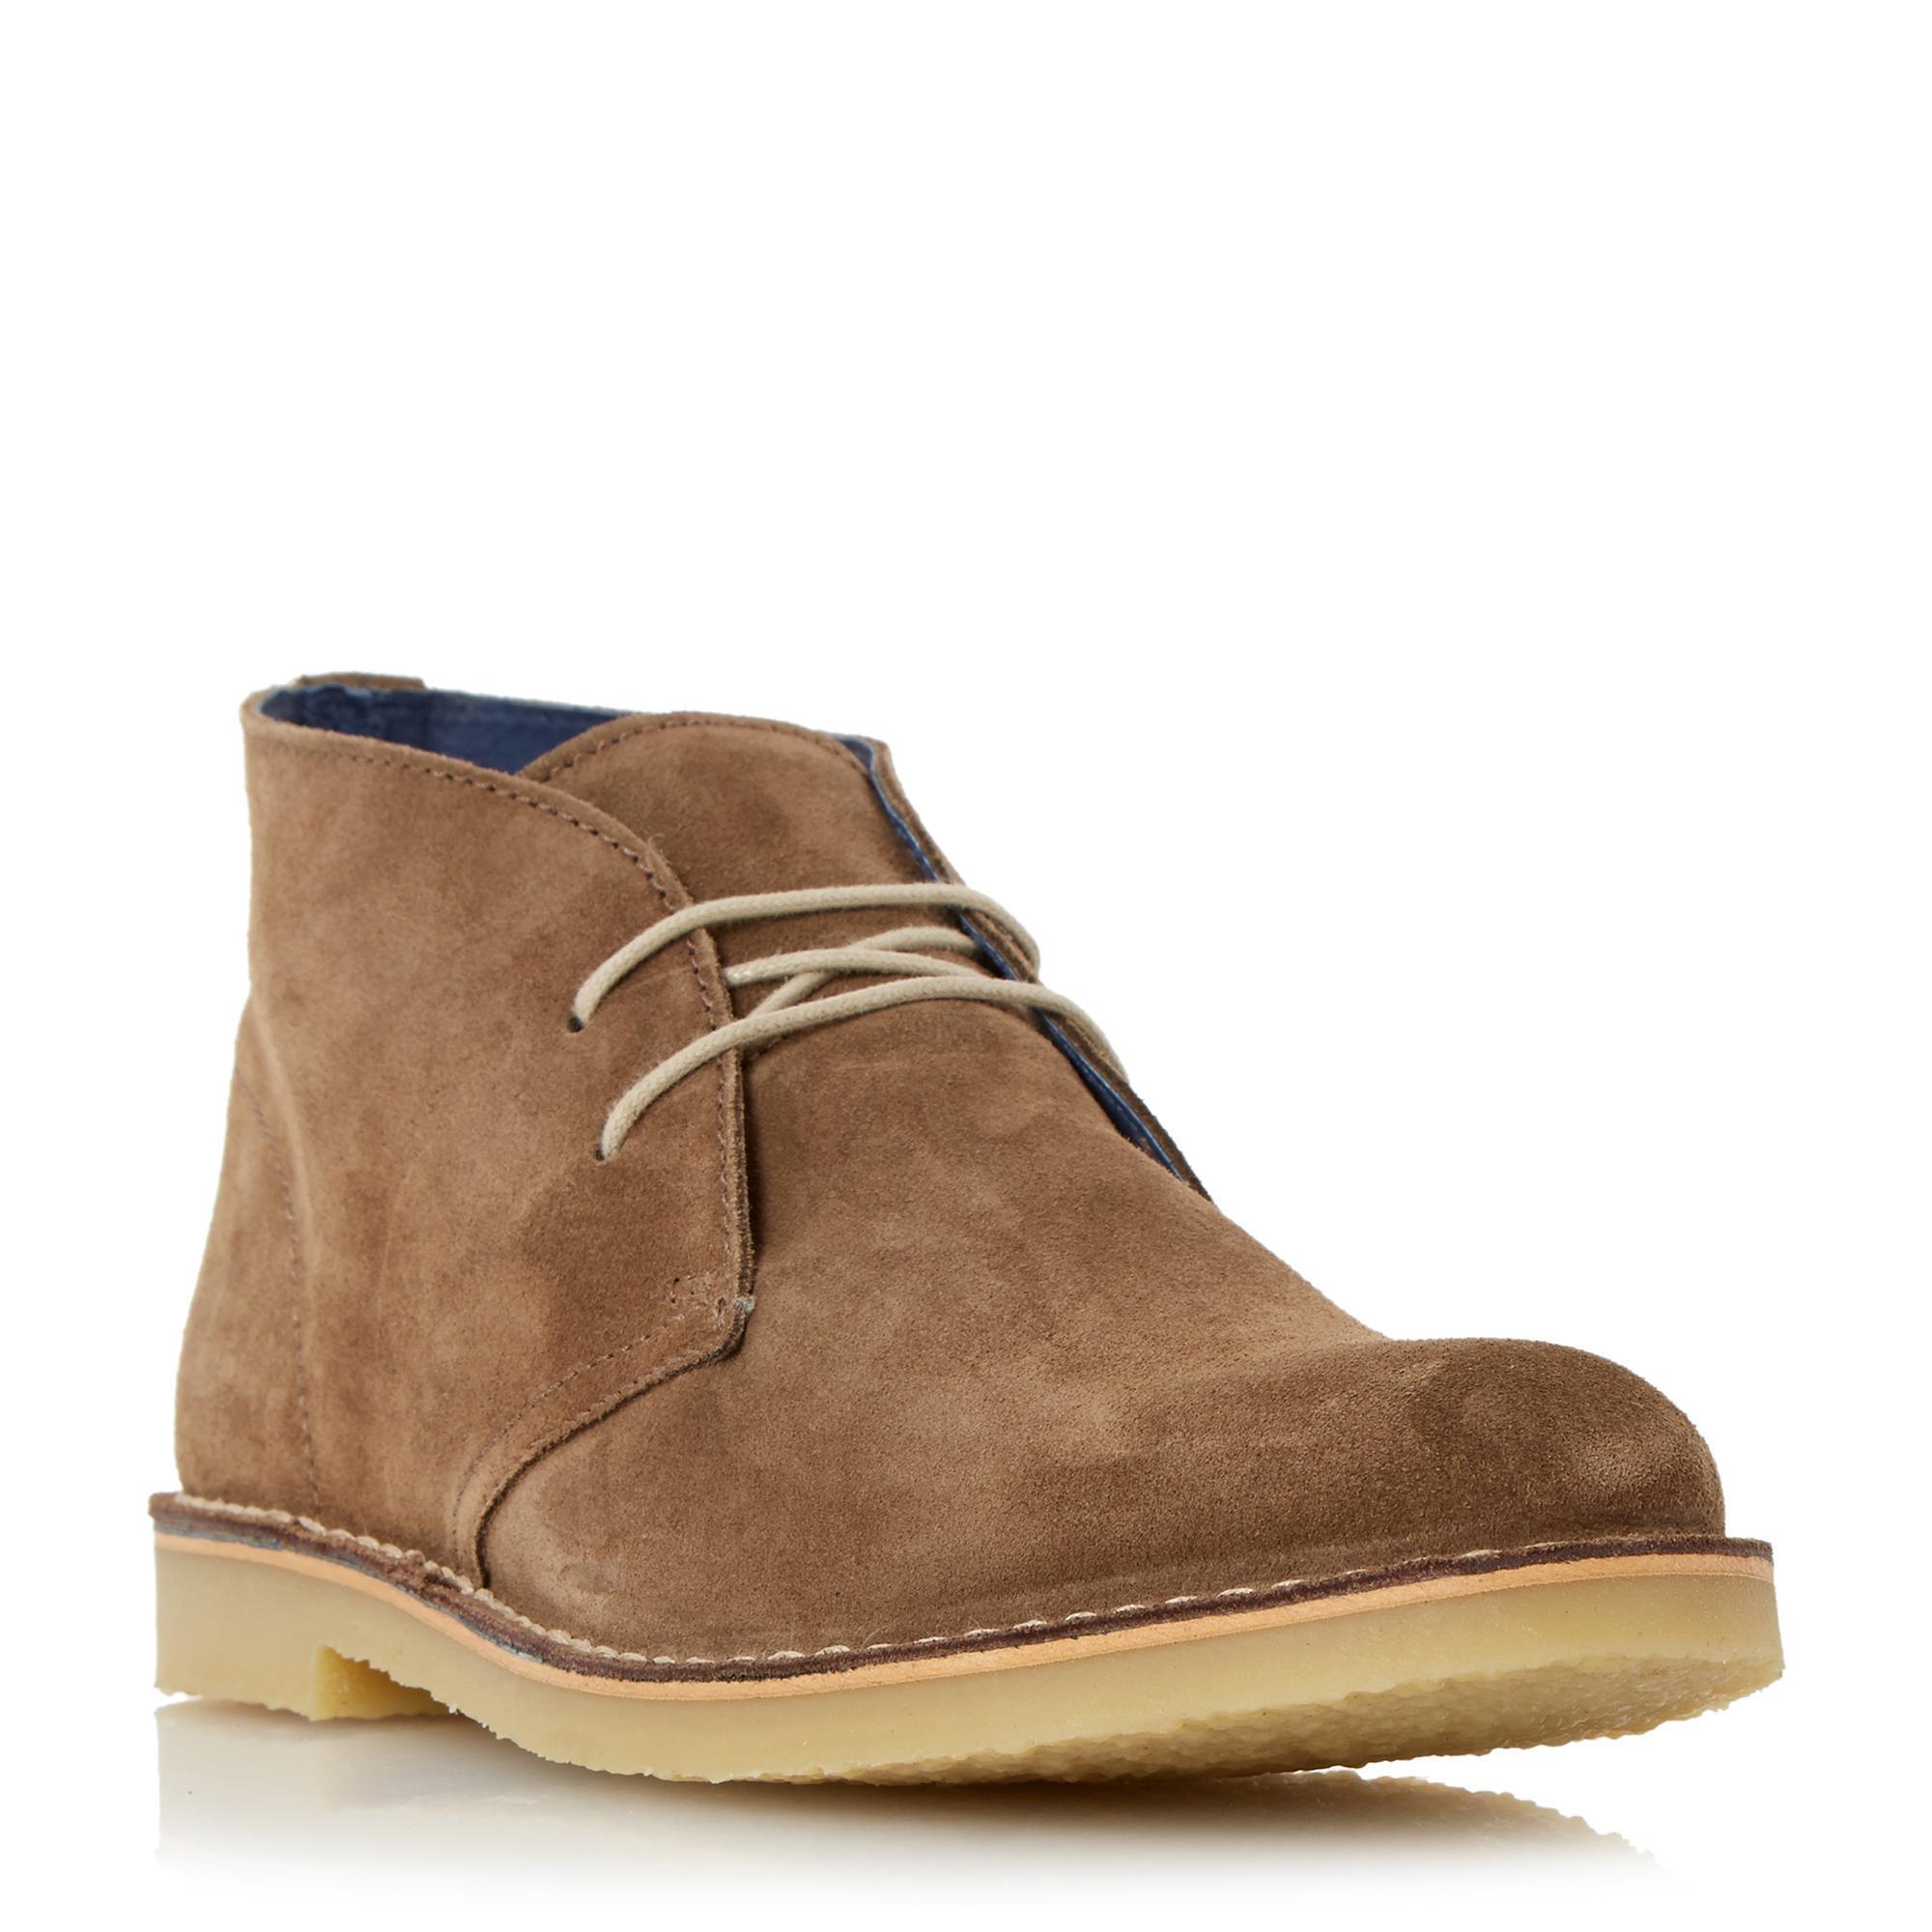 Dune. Men's Brown Calabassas Suede Desert Boots